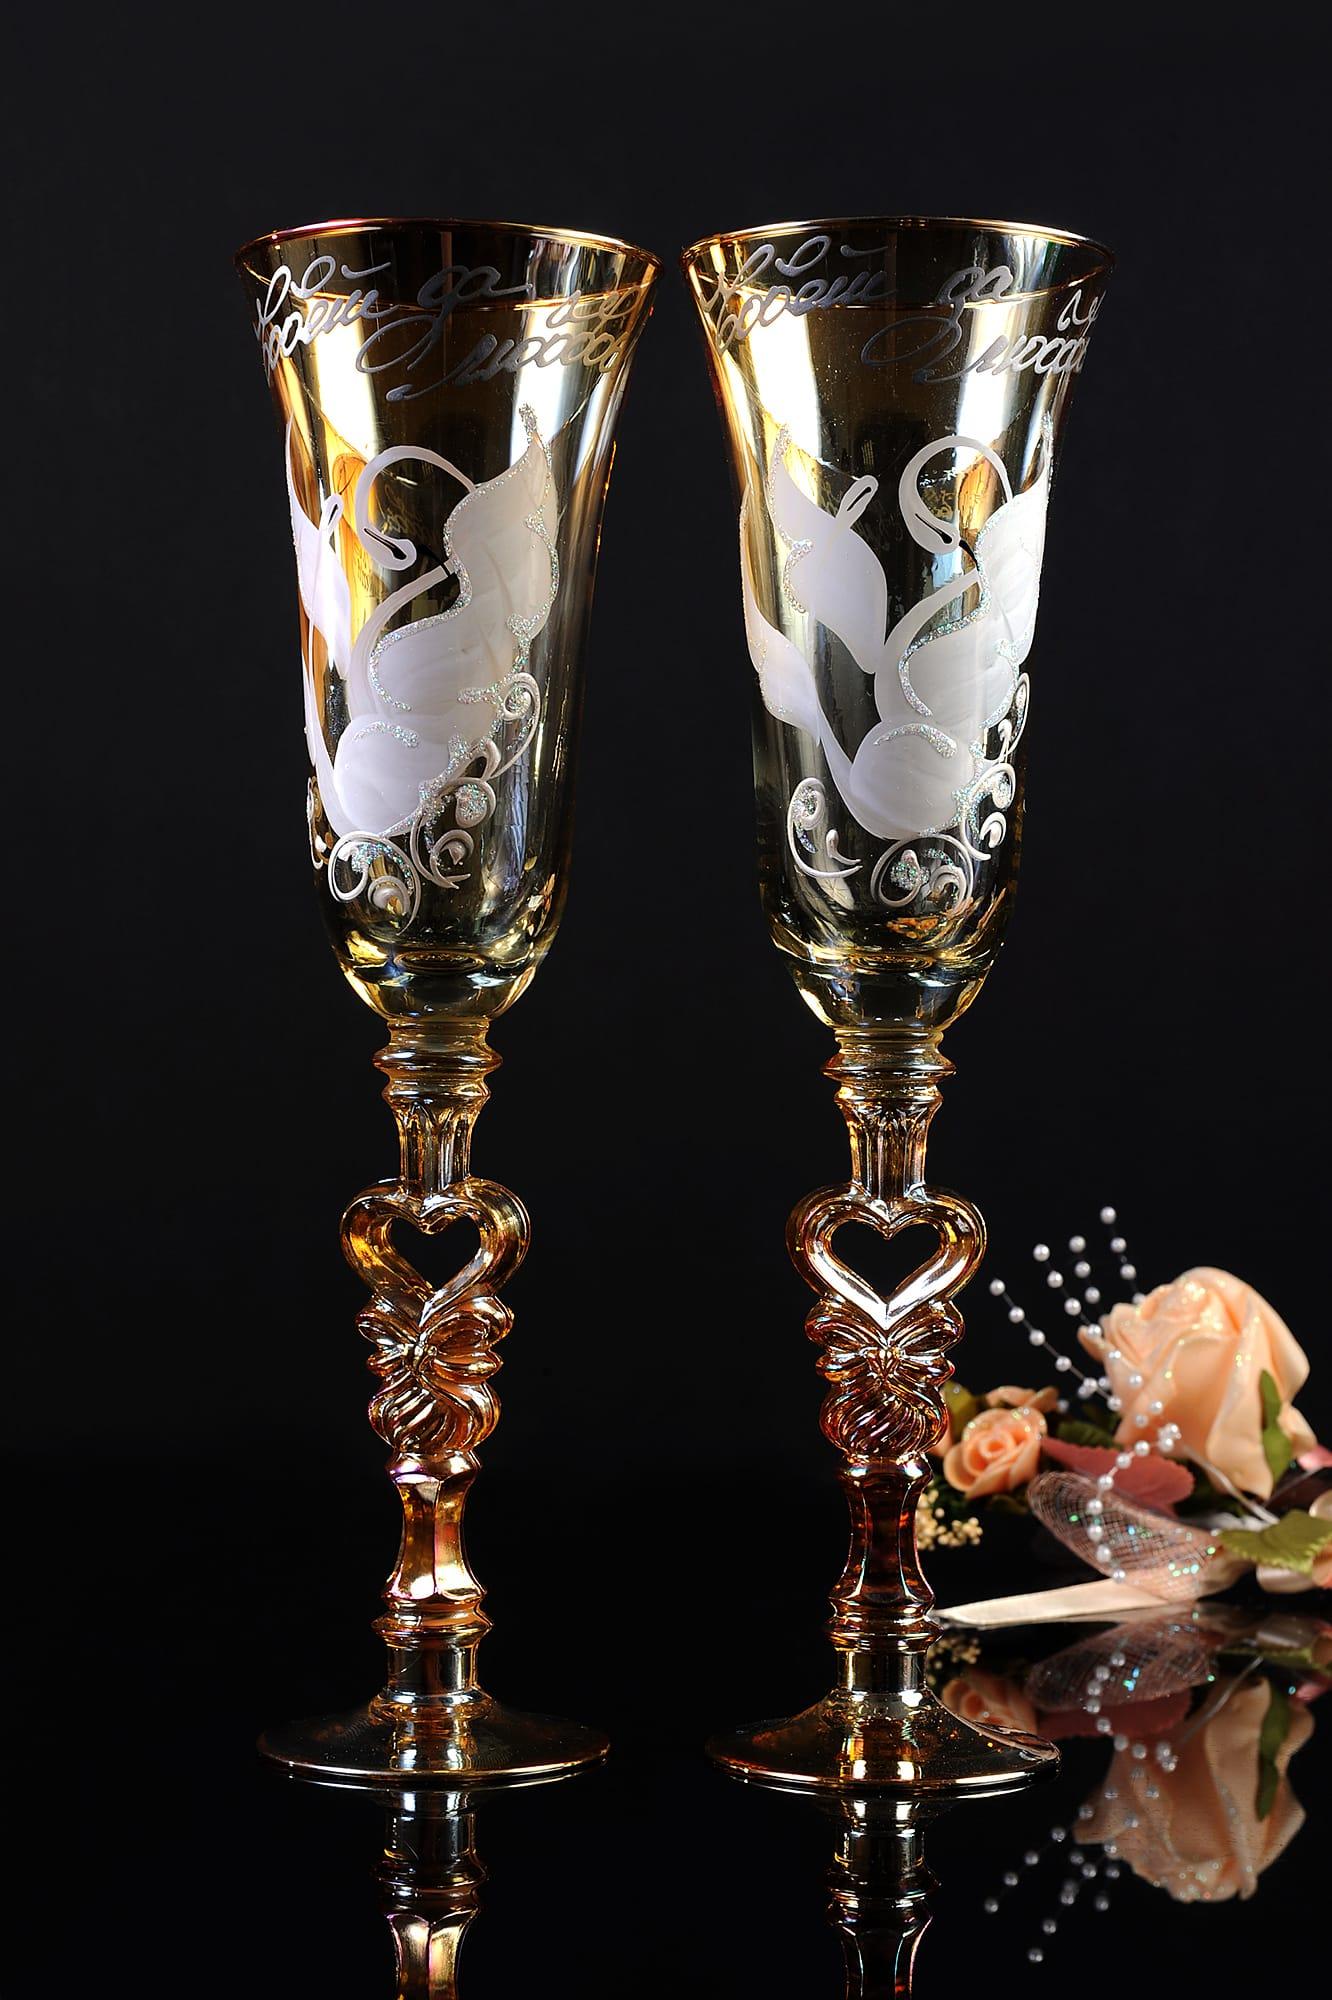 Золотистые свадебные фужеры с изображением лебедей и фигурными ножками.